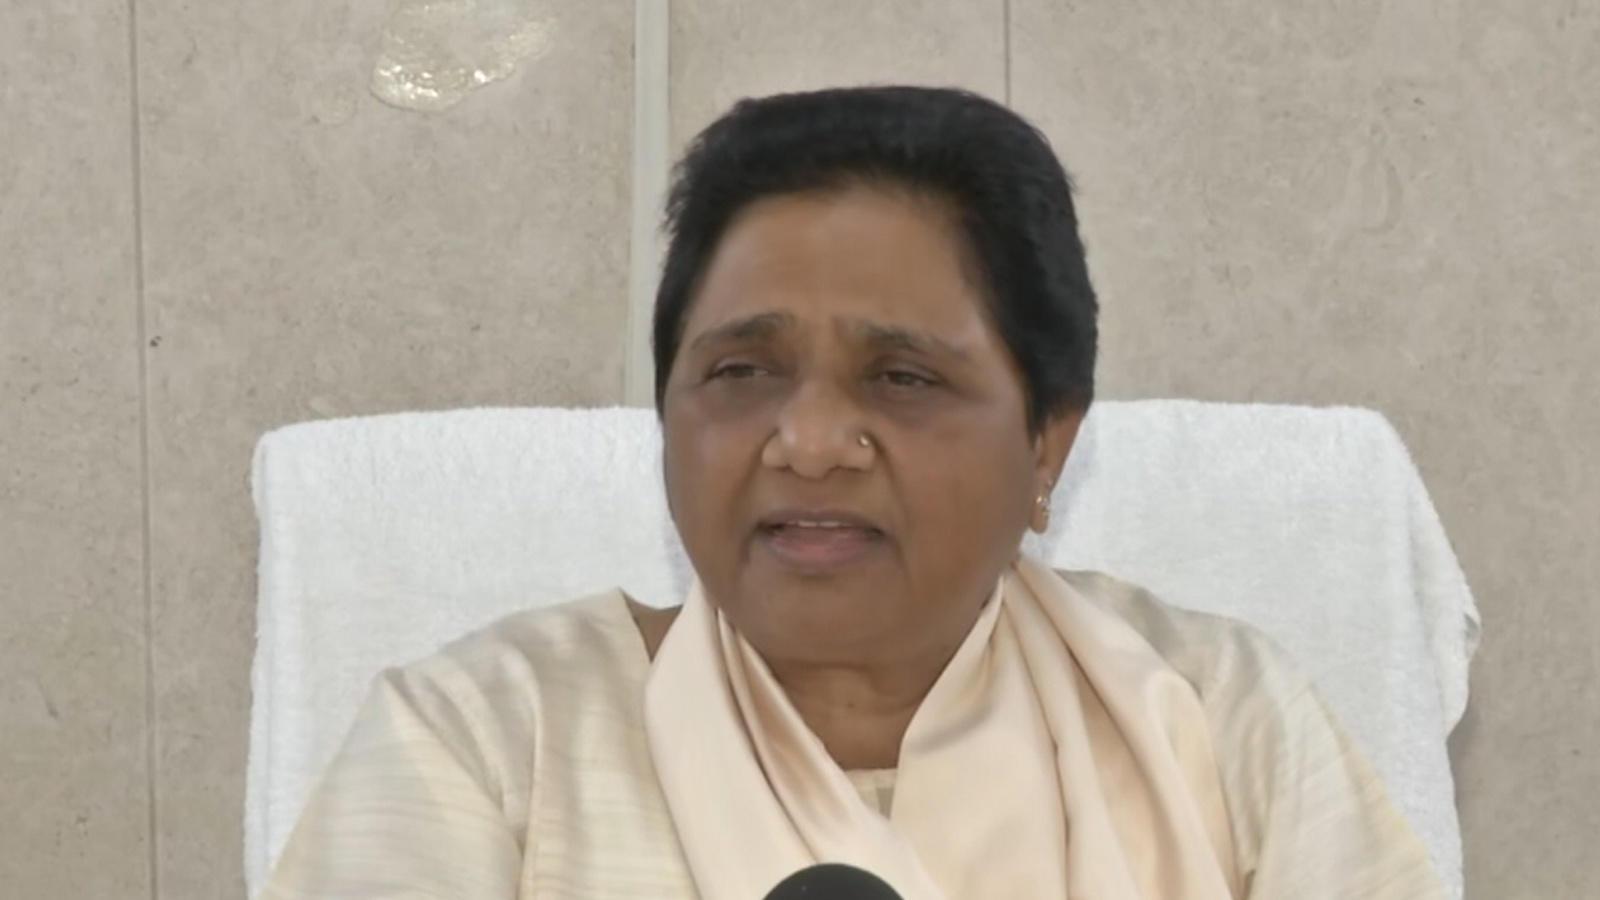 bihar-polls-2020-bsp-to-contest-in-coalition-with-rlsp-regional-parties-mayawati